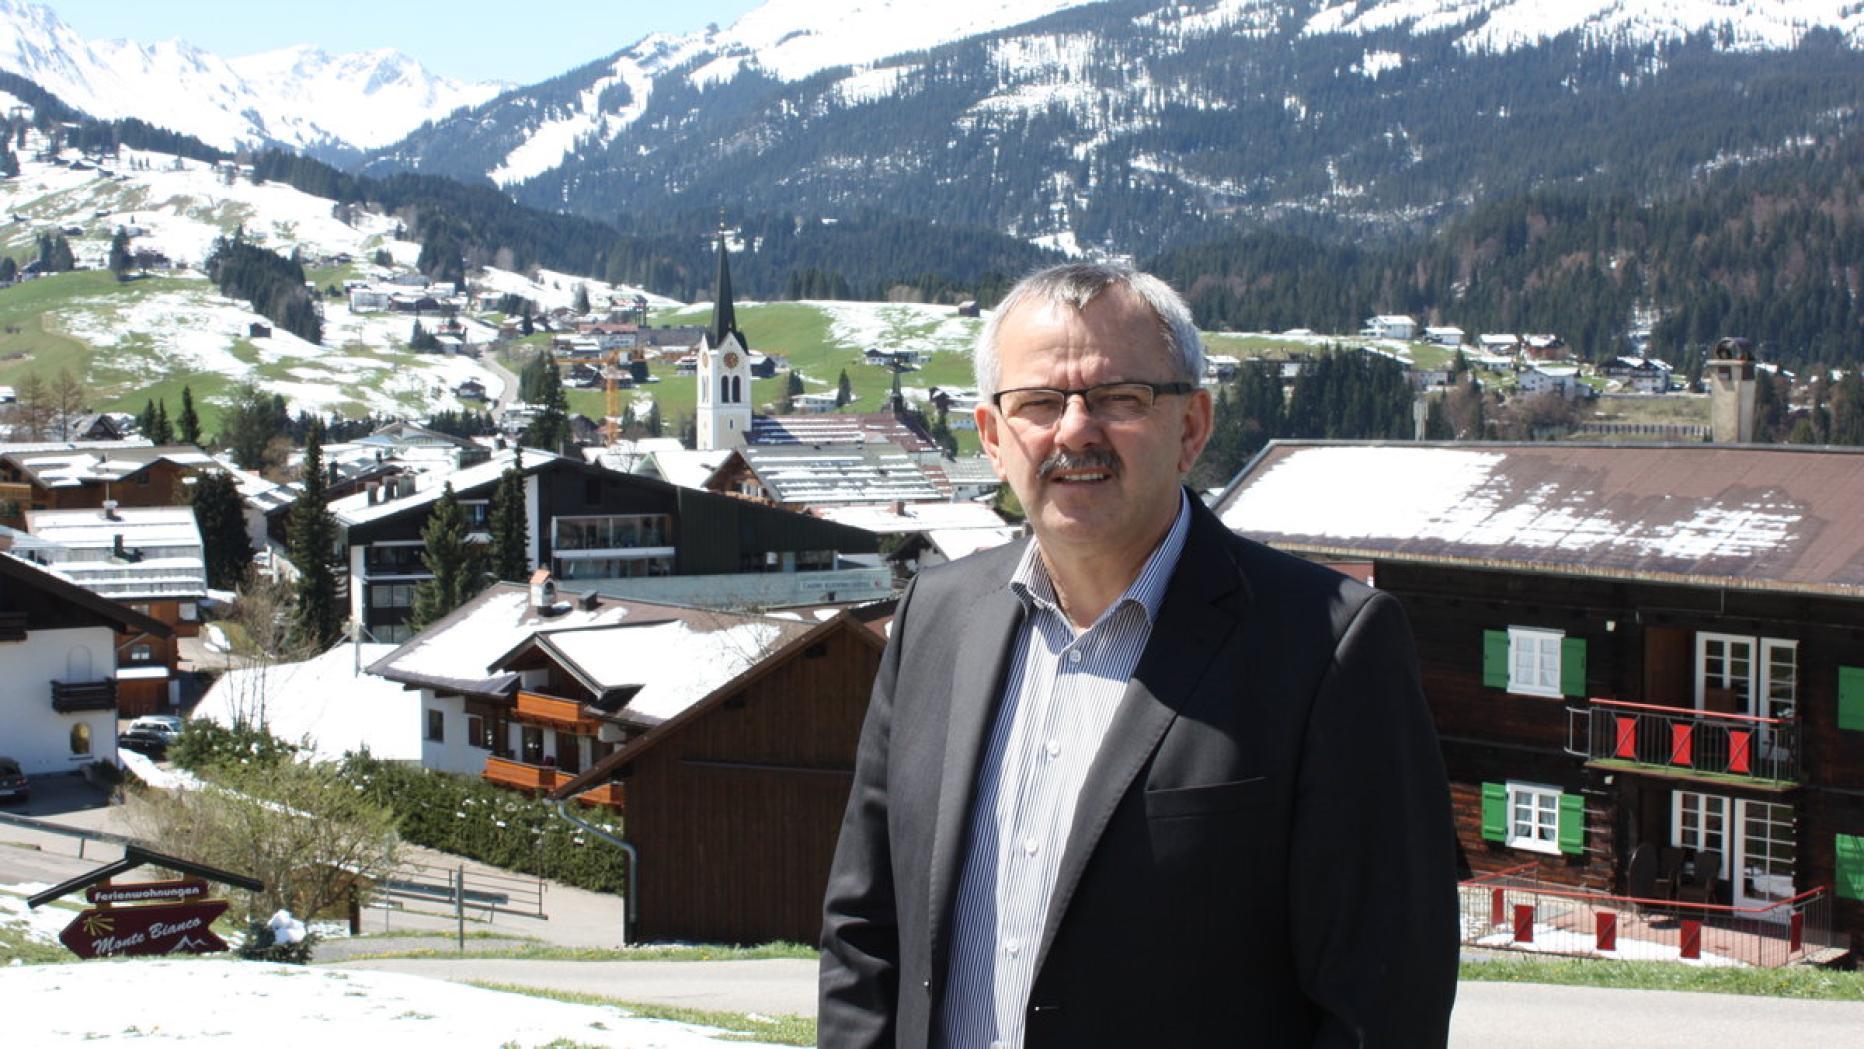 Partnersuche & kostenlose Kontaktanzeigen in Oy-Mittelberg